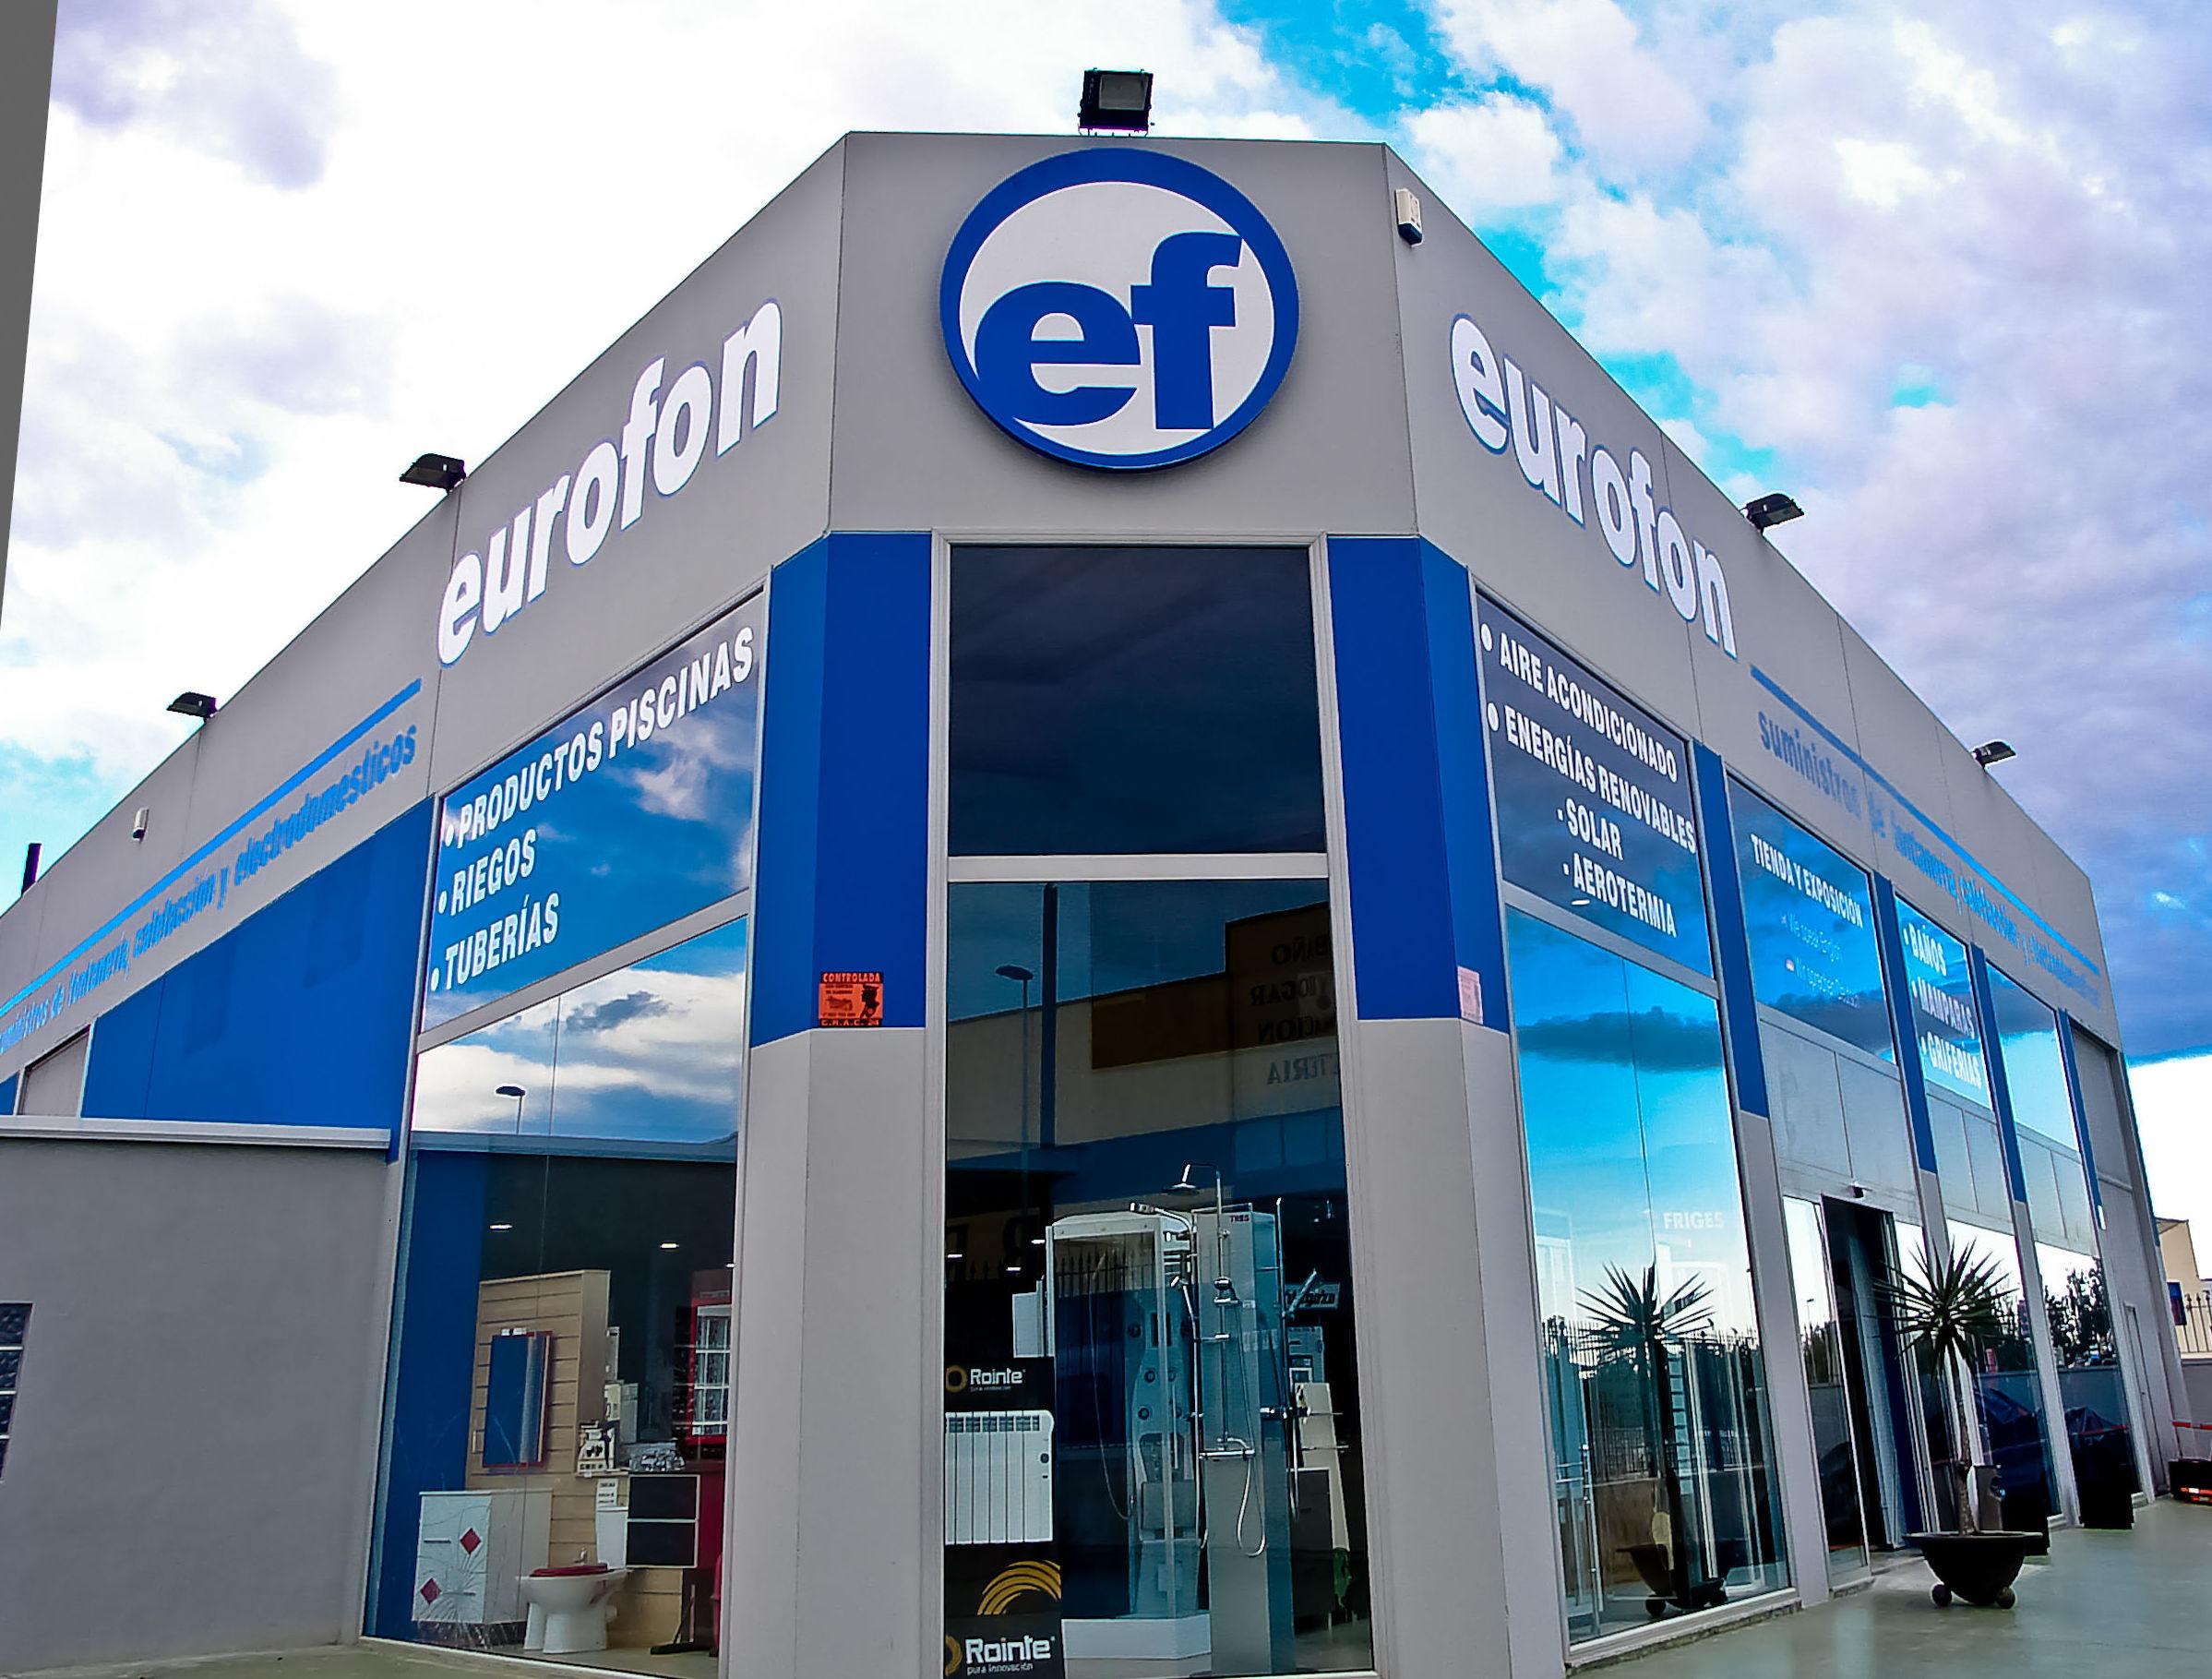 Eurofon en Torrevieja (Alicante)